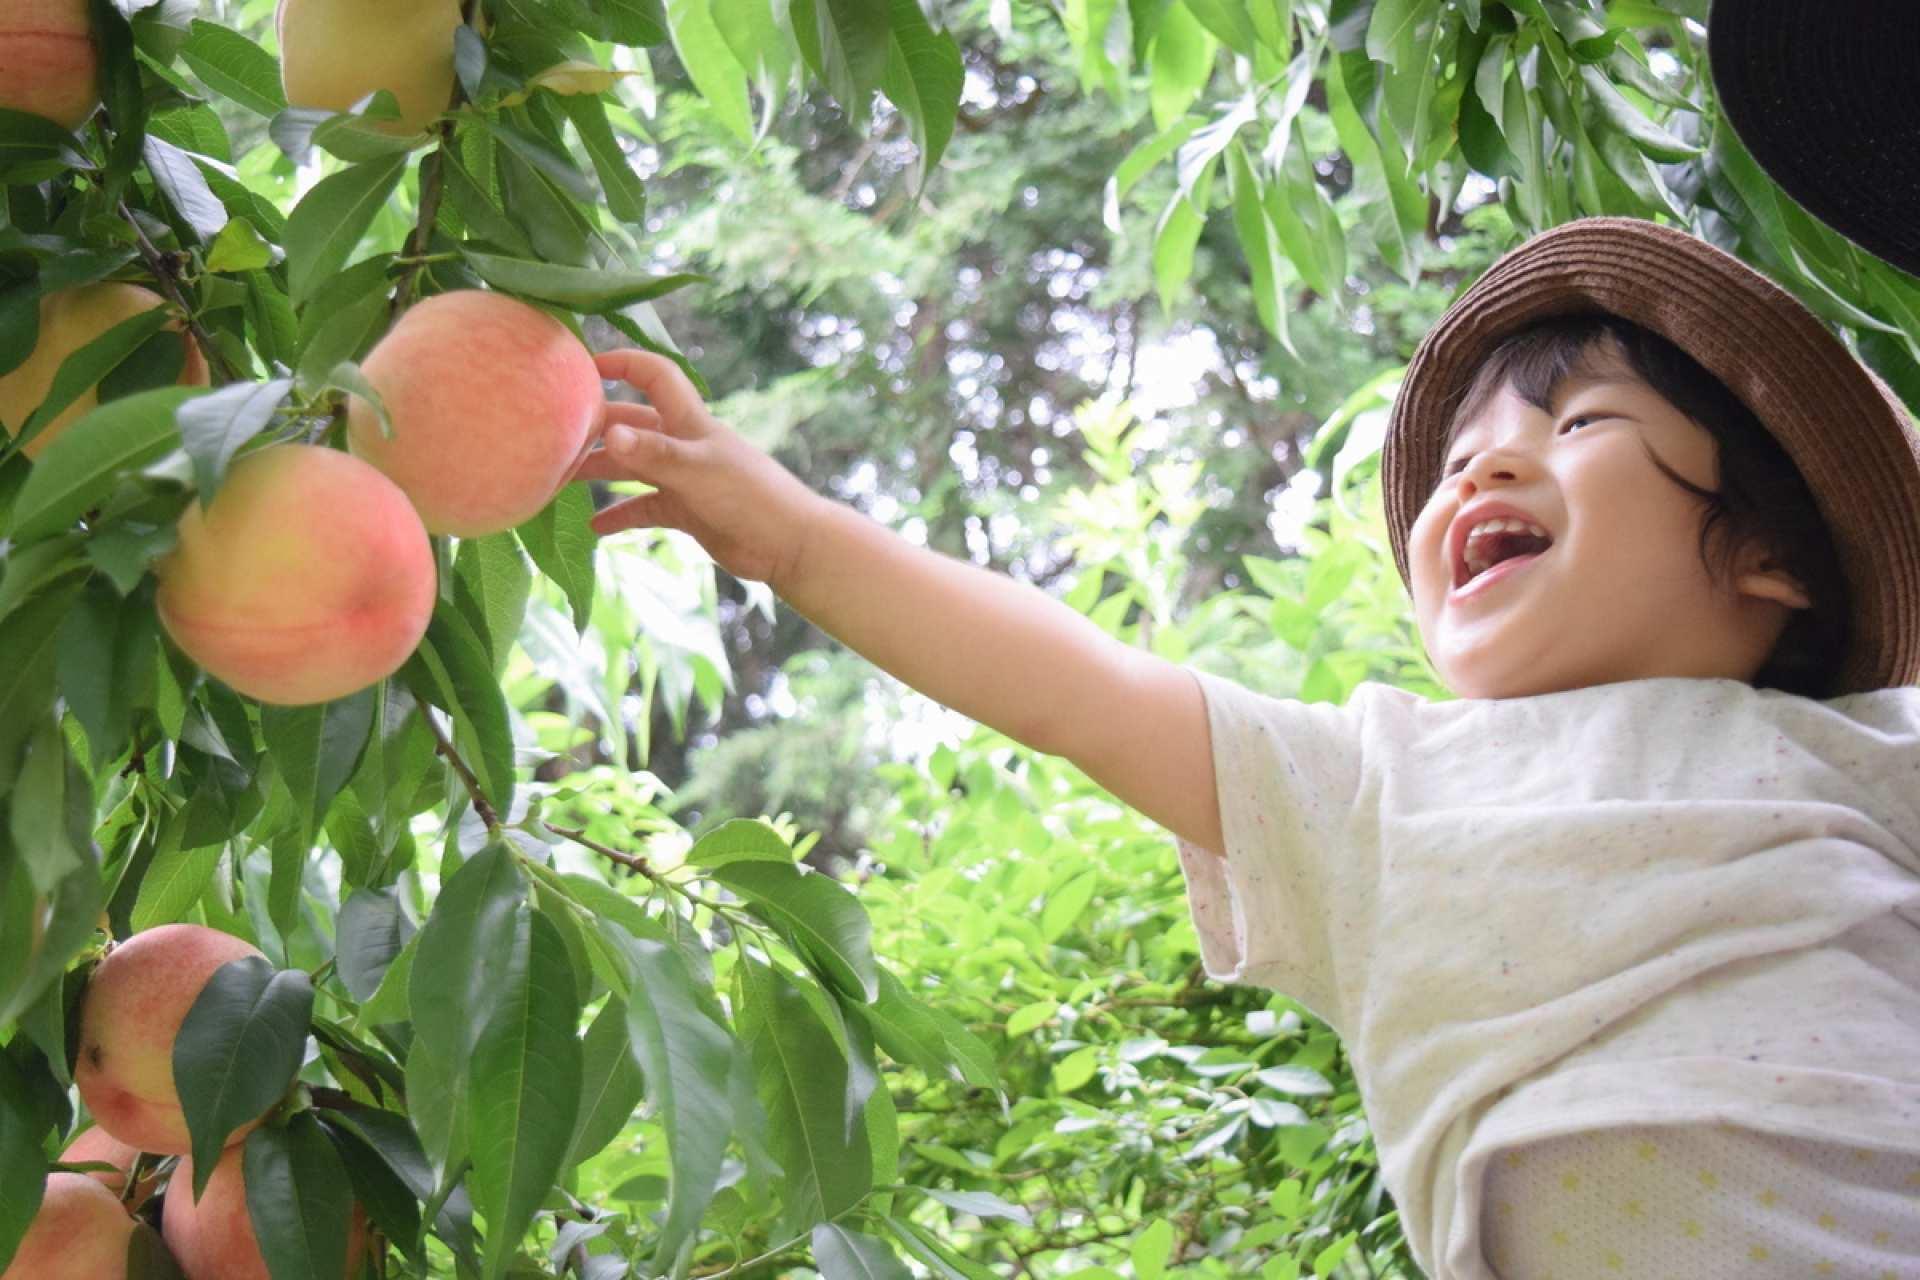 【大阪近郊一日遊】倉敷美觀、佐用町向日葵花田、體驗採桃